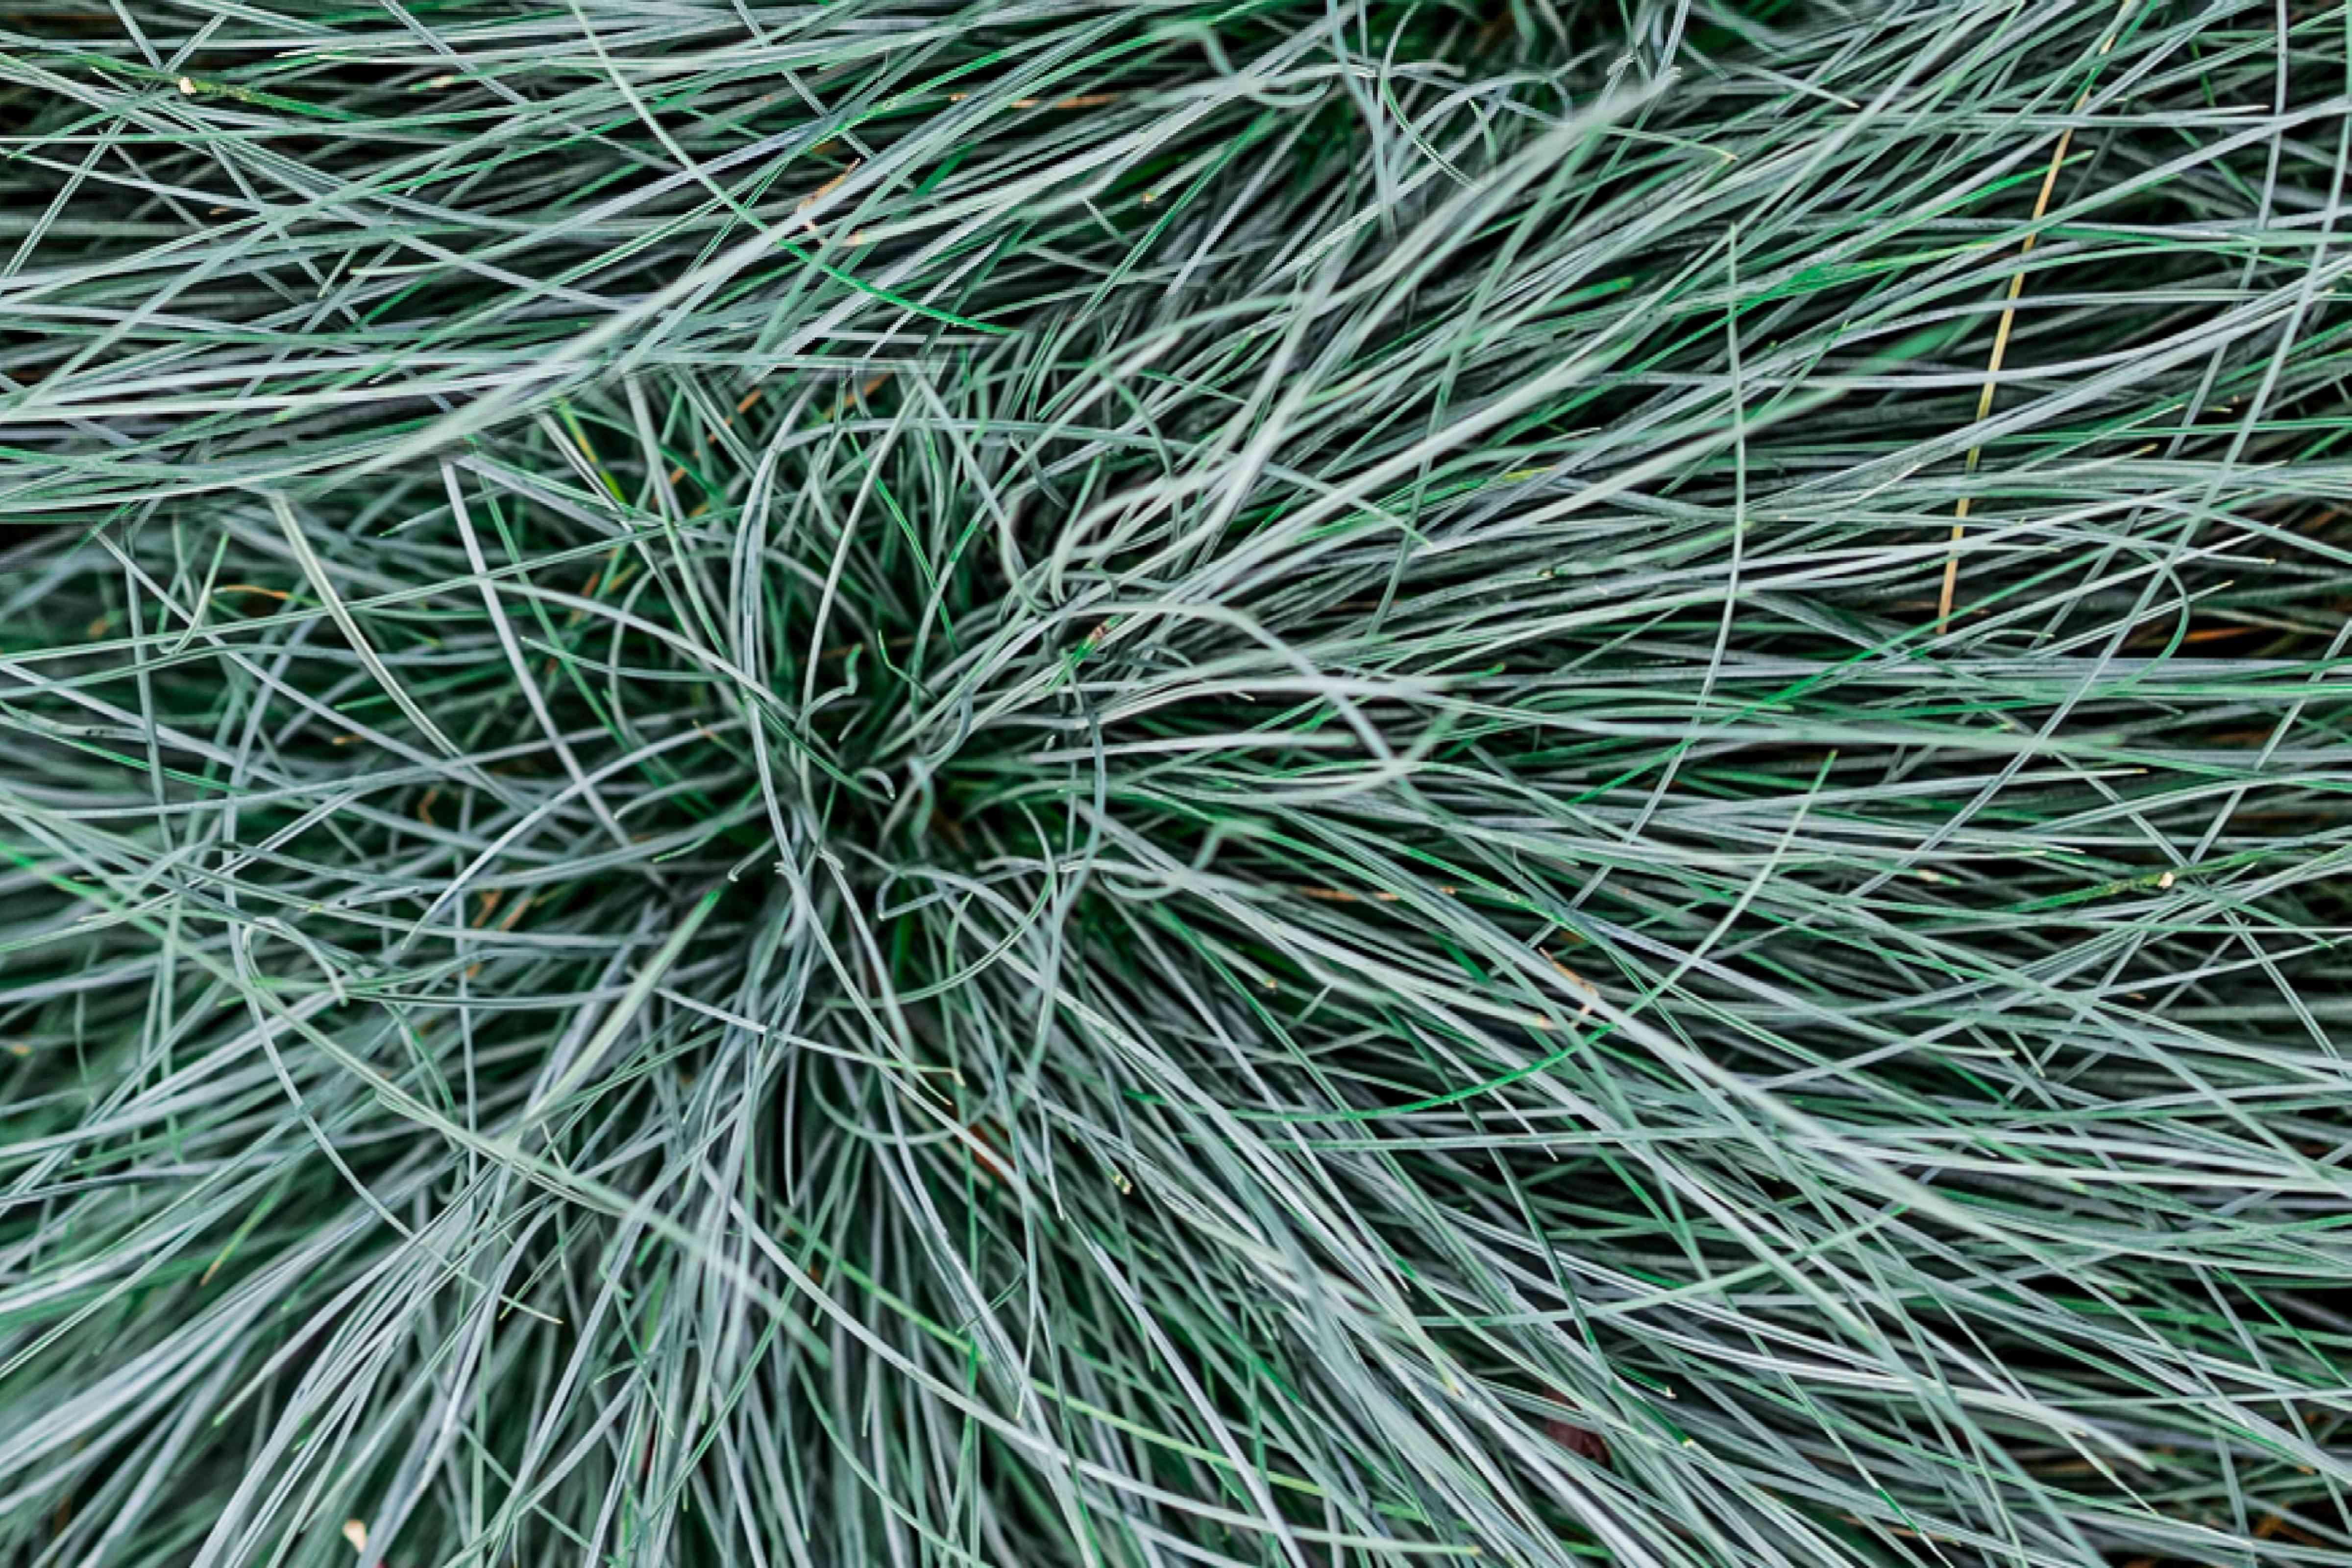 tufted fescue grass